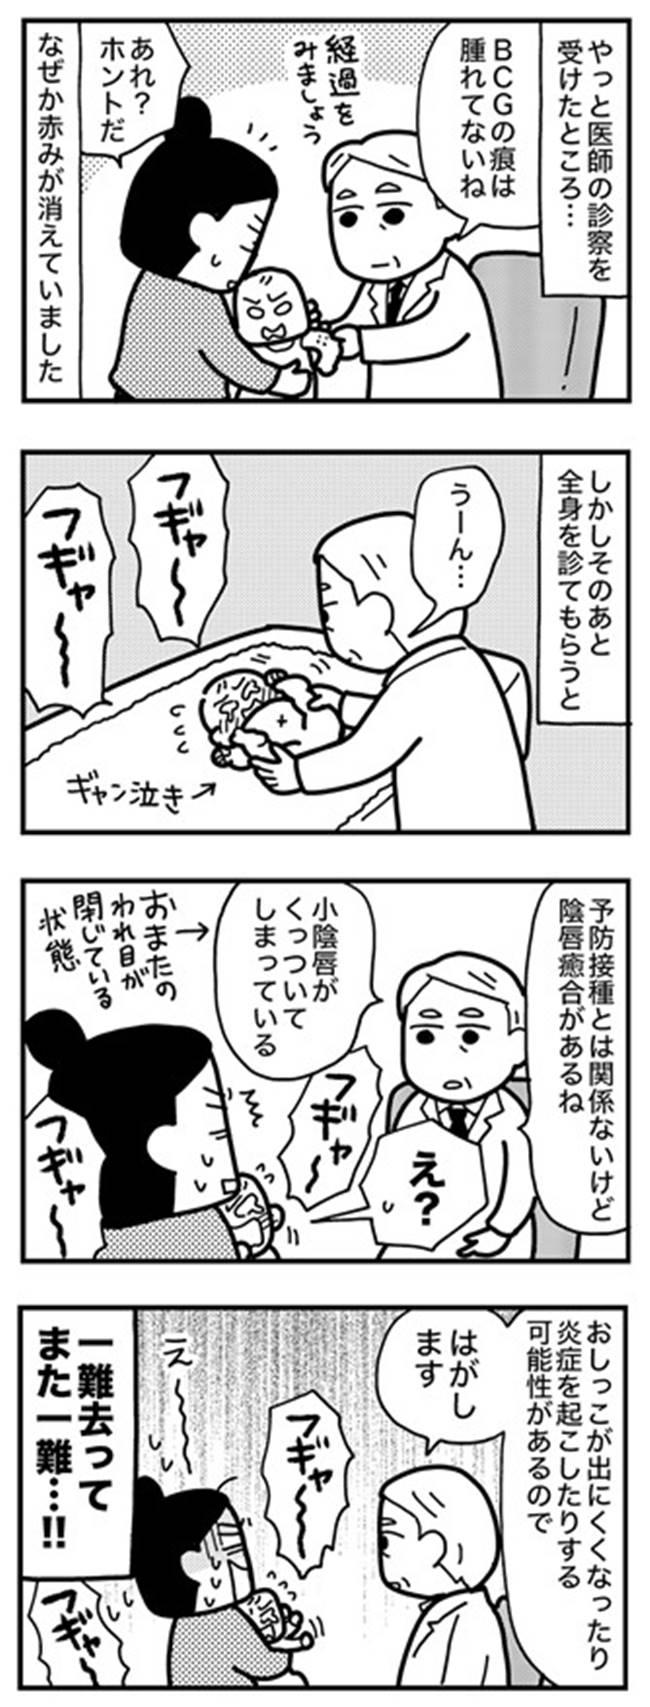 和田さん112話